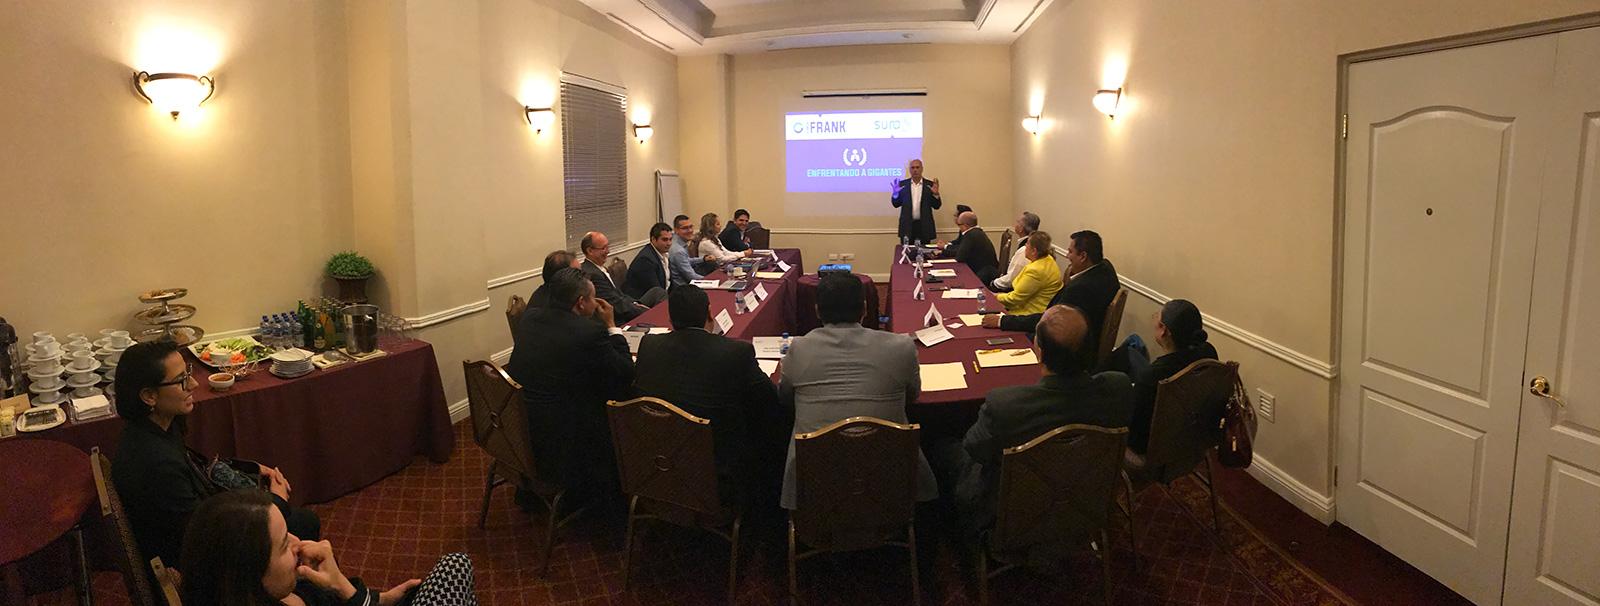 Conferencias de Coach Frank para Empresas.